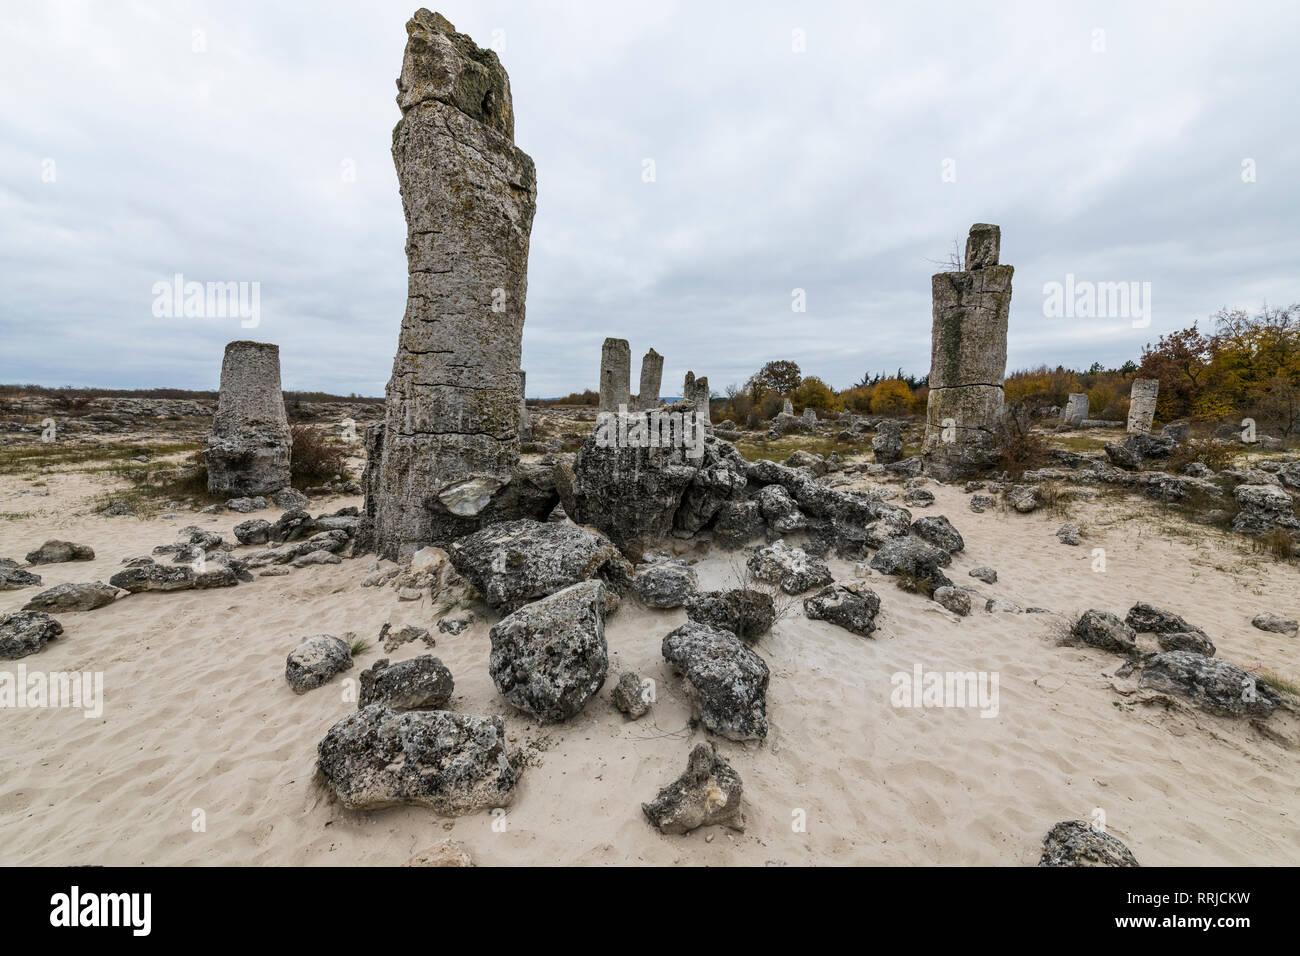 Steinwüste Pobiti Kamani rock Phänomen, in der Nähe von Varna, Bulgarien, Europa Stockbild